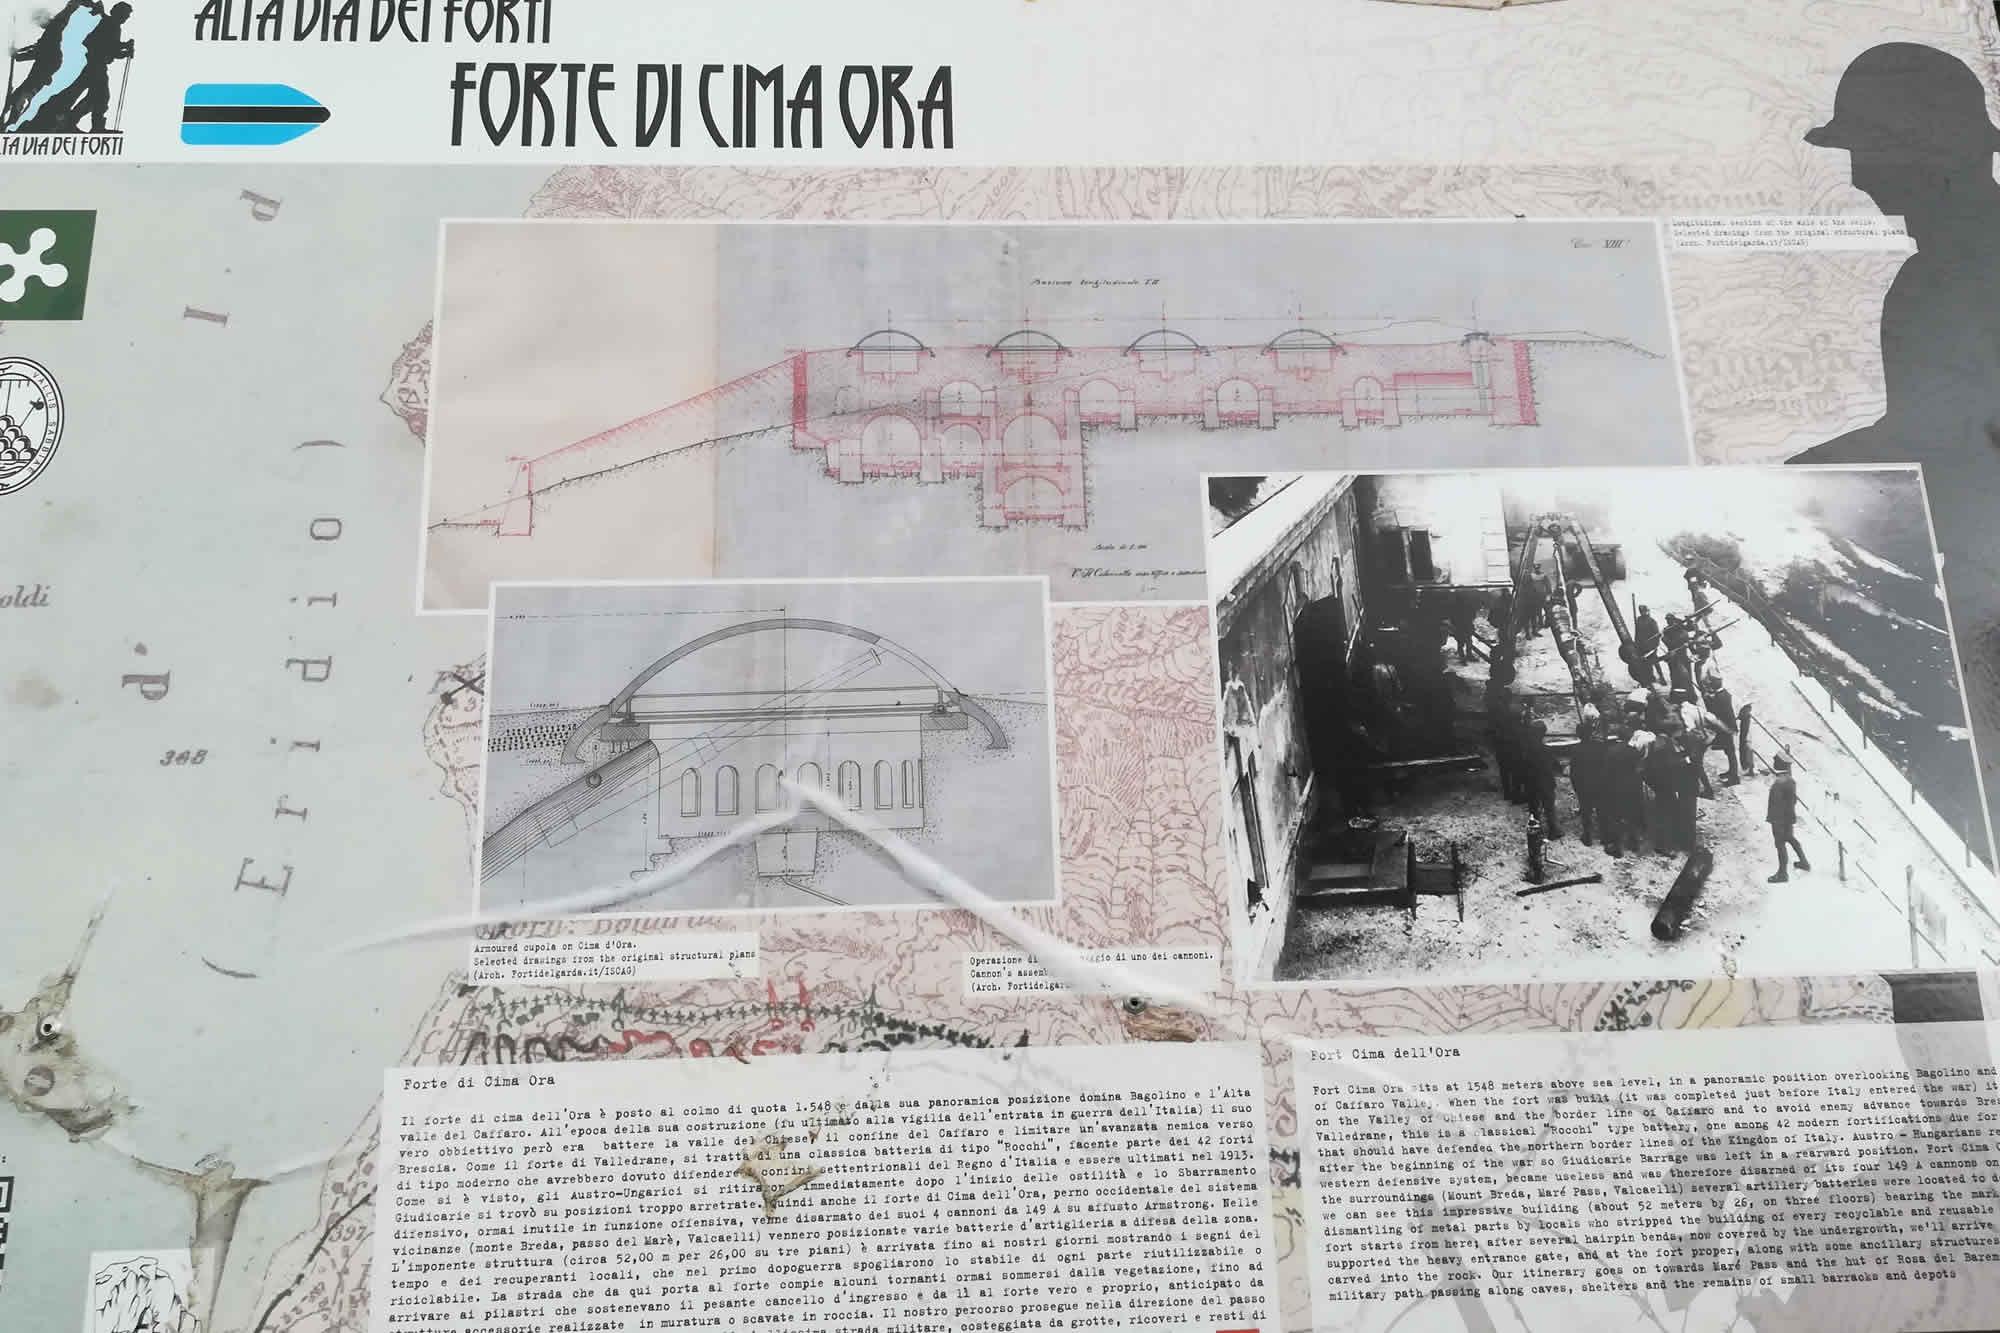 Pannello ewsplicativo sul funzionamento del forte